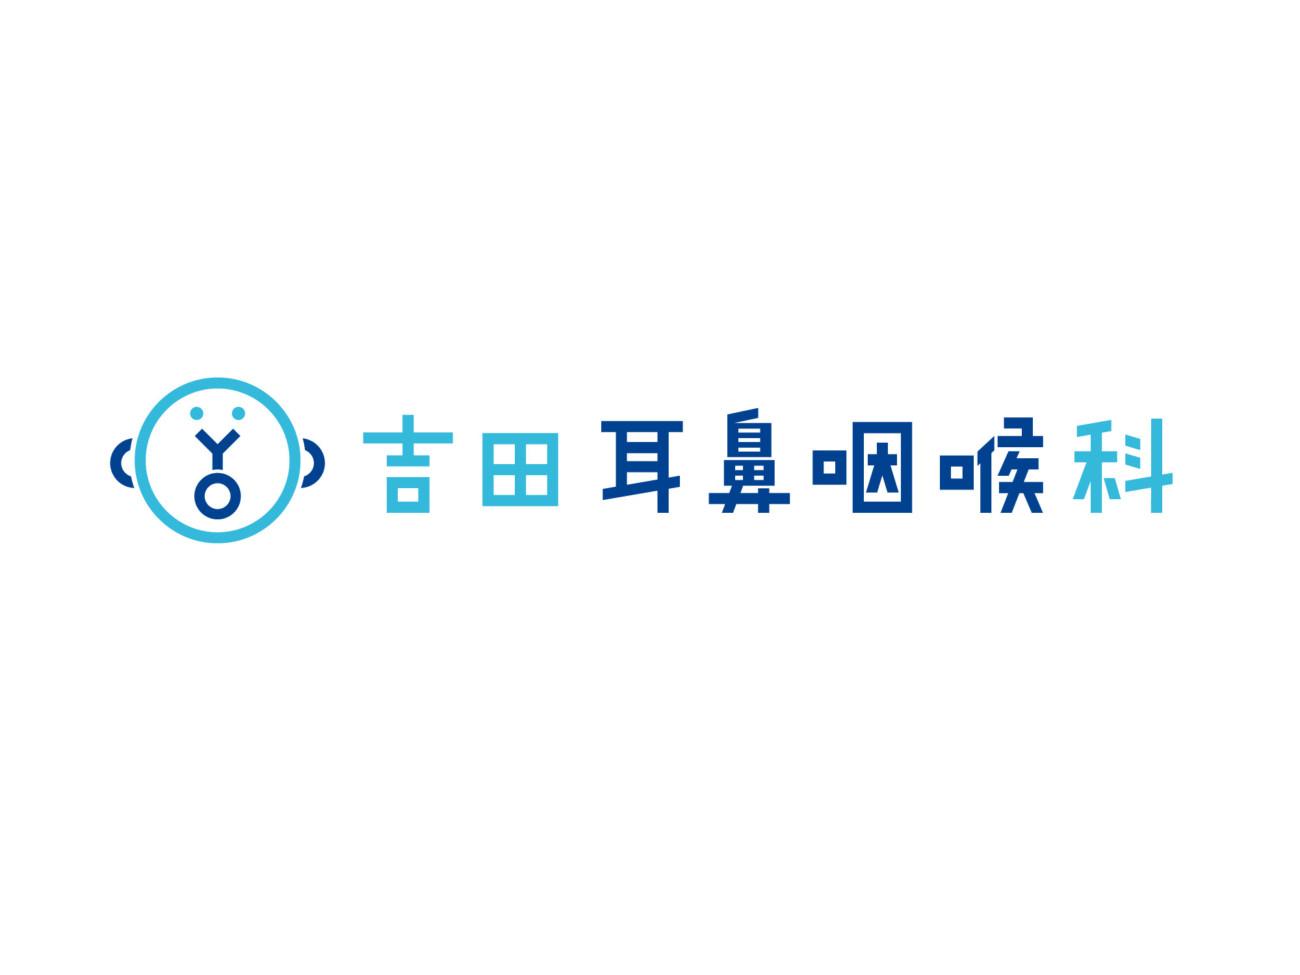 吉田耳鼻咽喉科